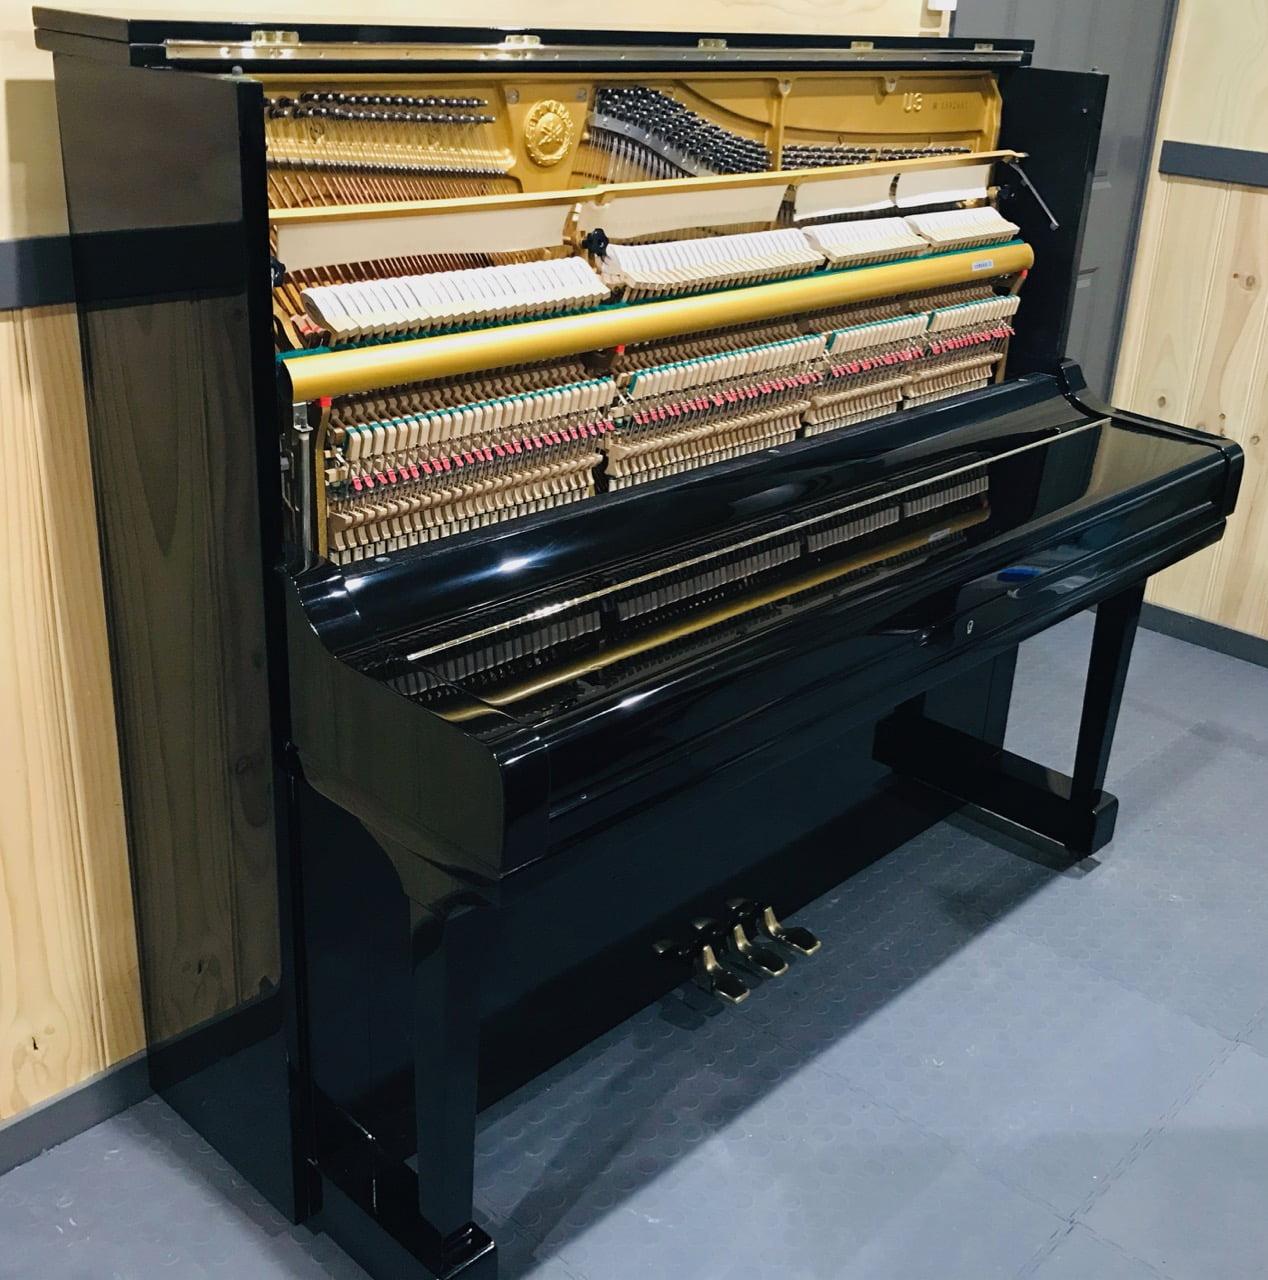 Piano near me for sale - Melbourne